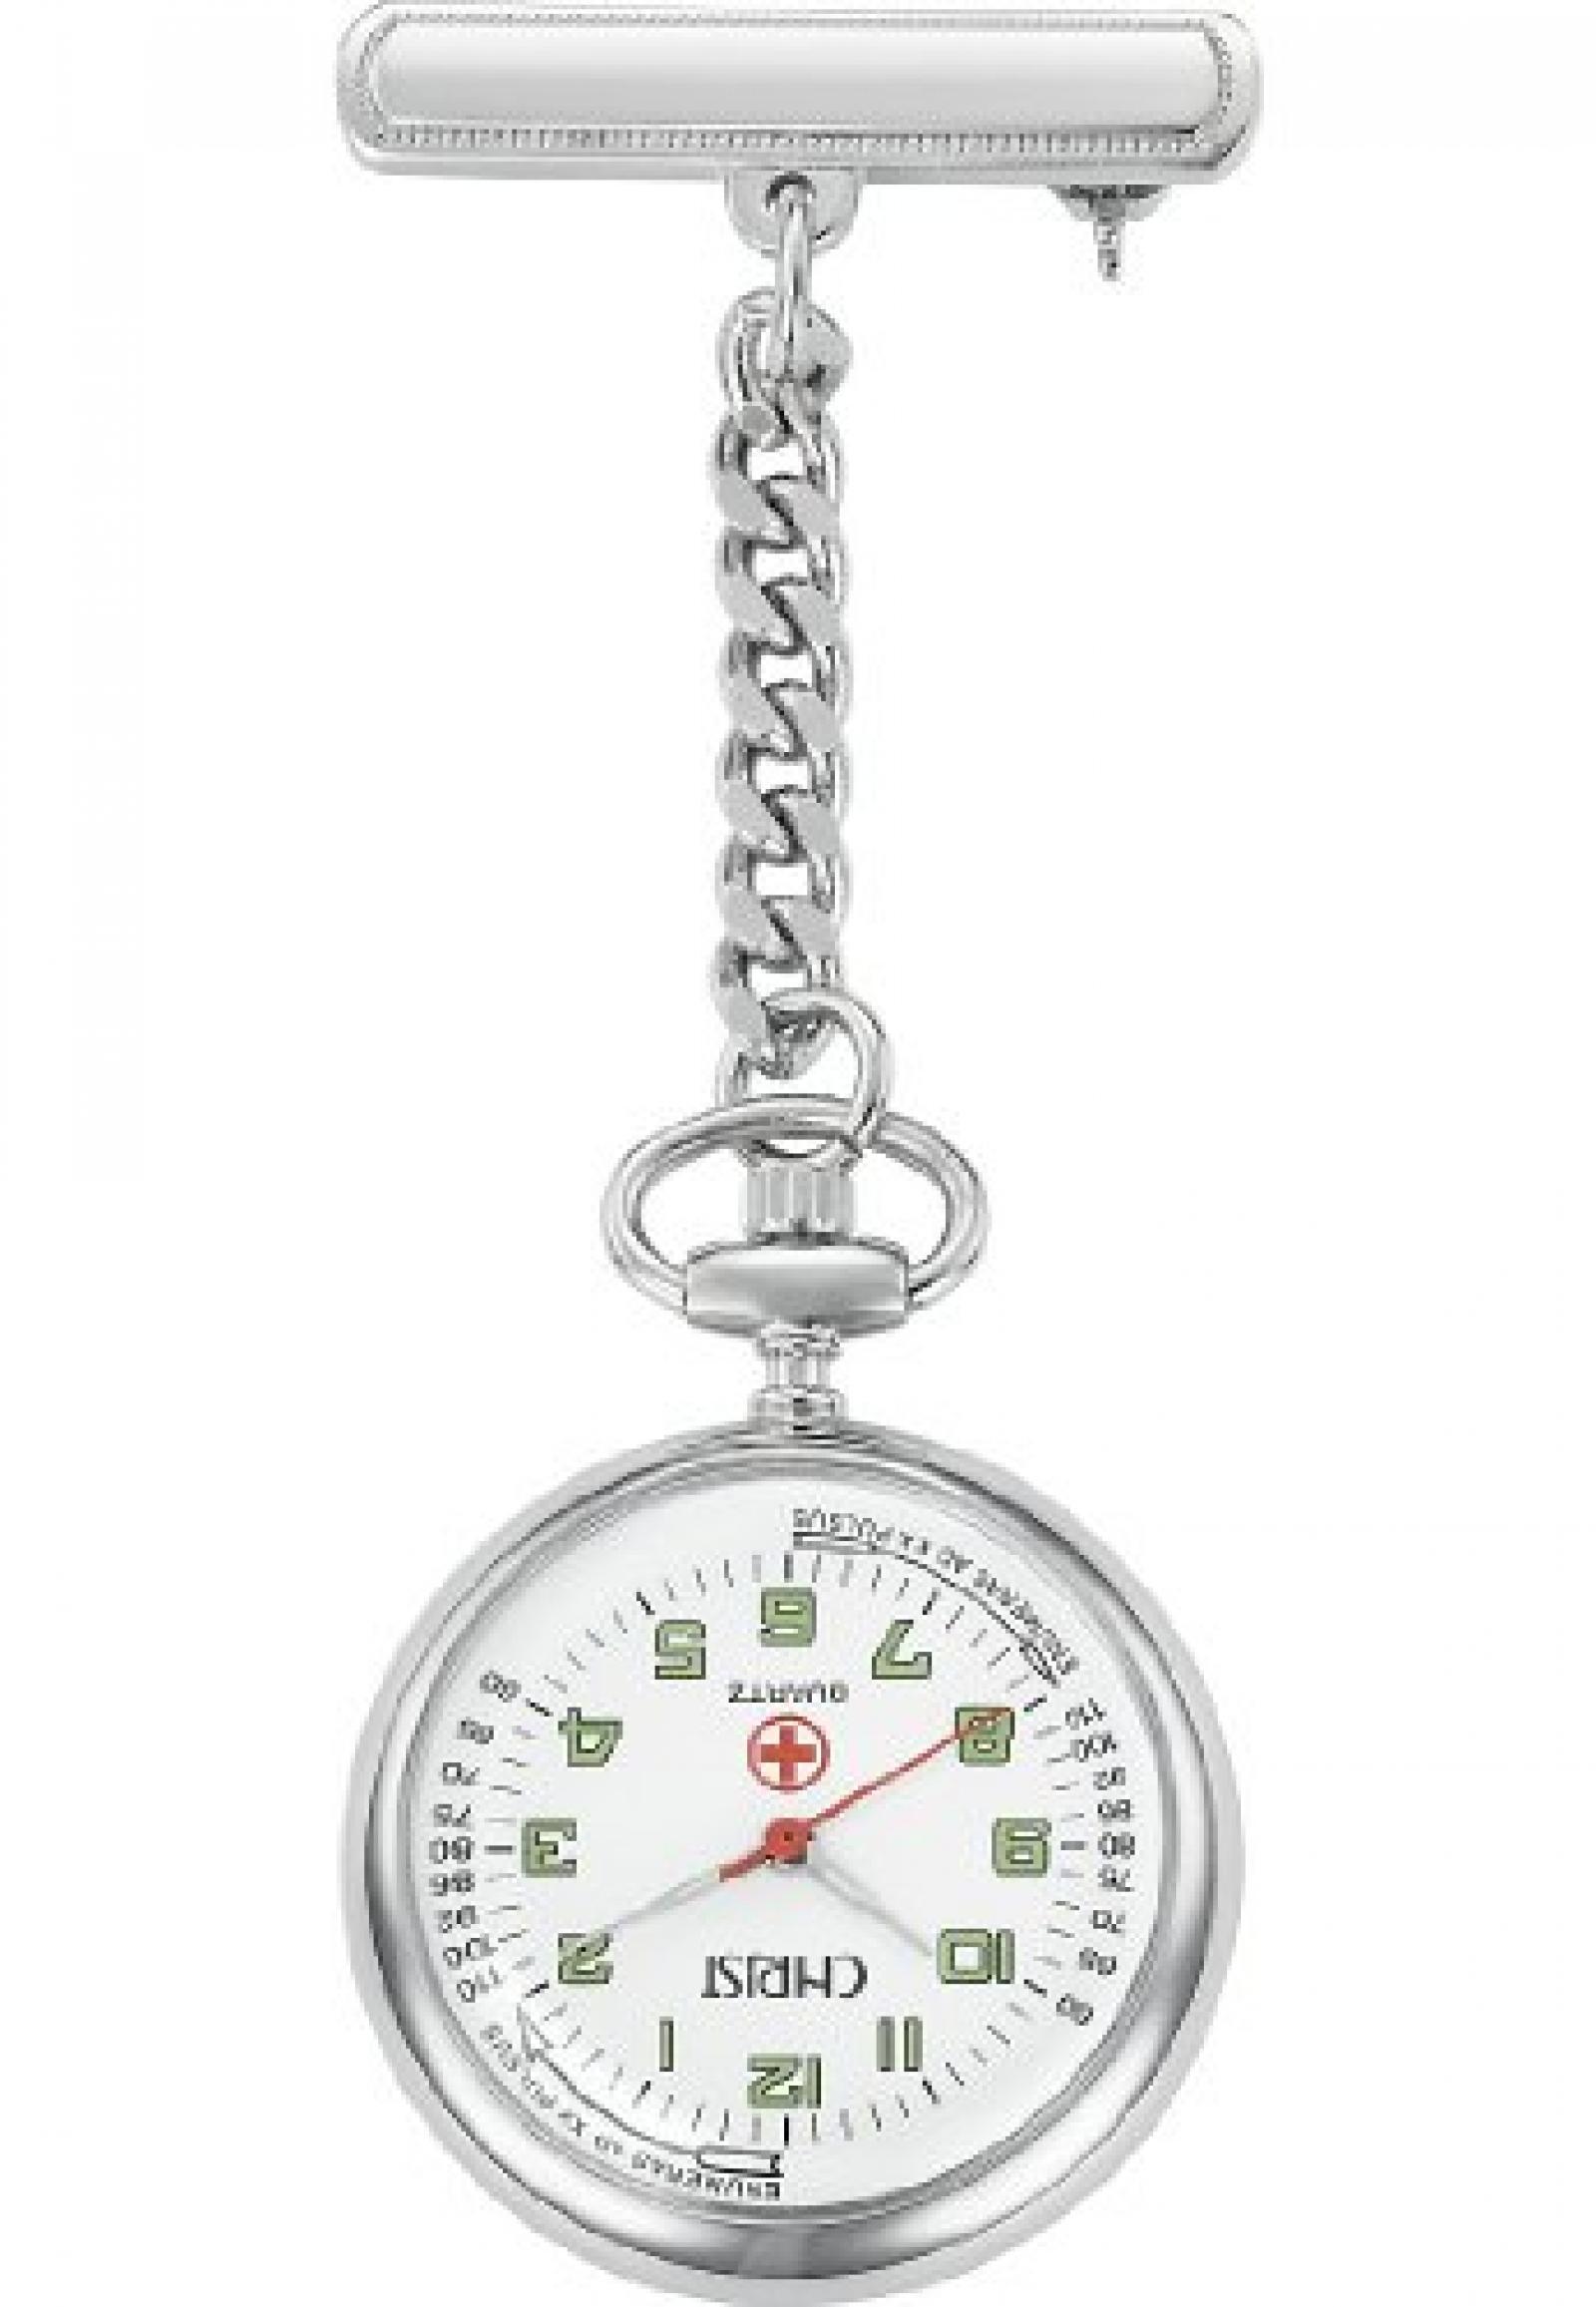 CHRIST times Damen-Taschenuhr Taschenuhr Arabische Ziffern Quarz One Size, weiß, silber/weiß